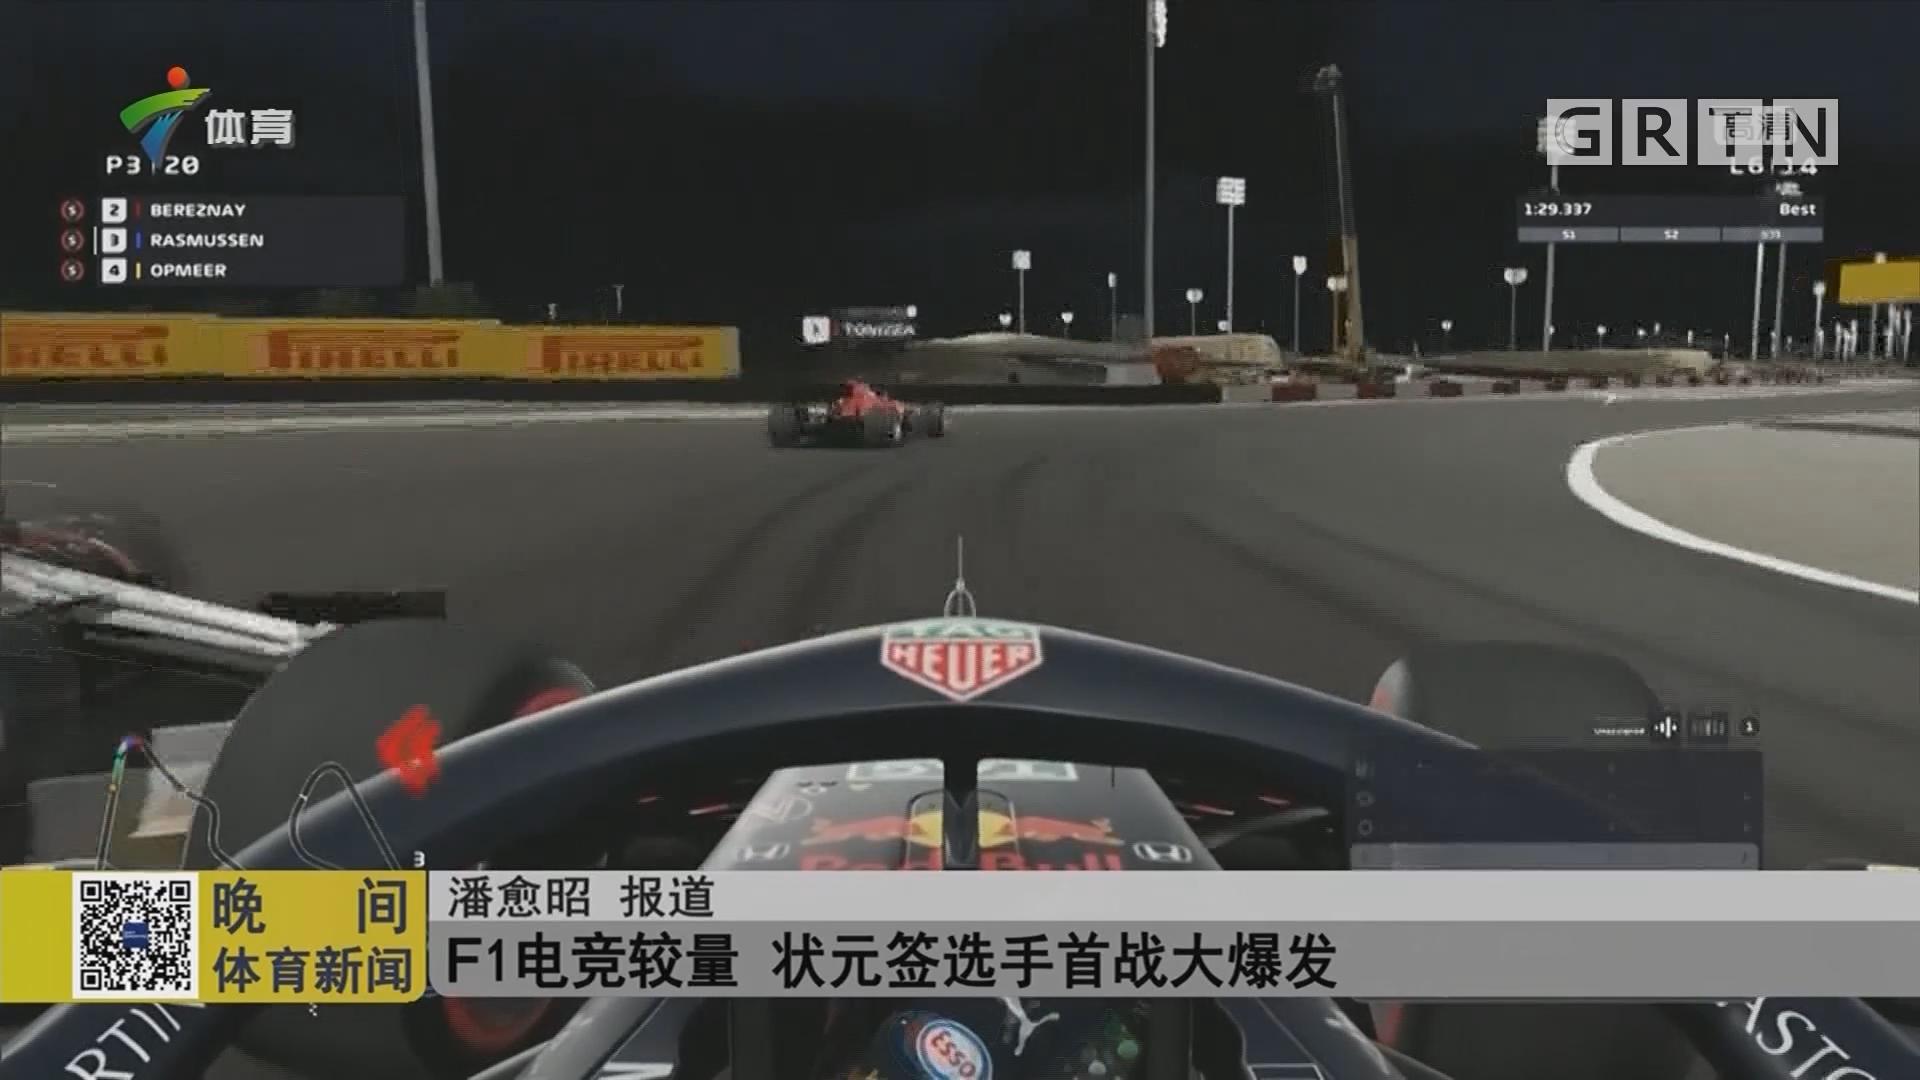 F1电竞较量 状元签选手首战大爆发